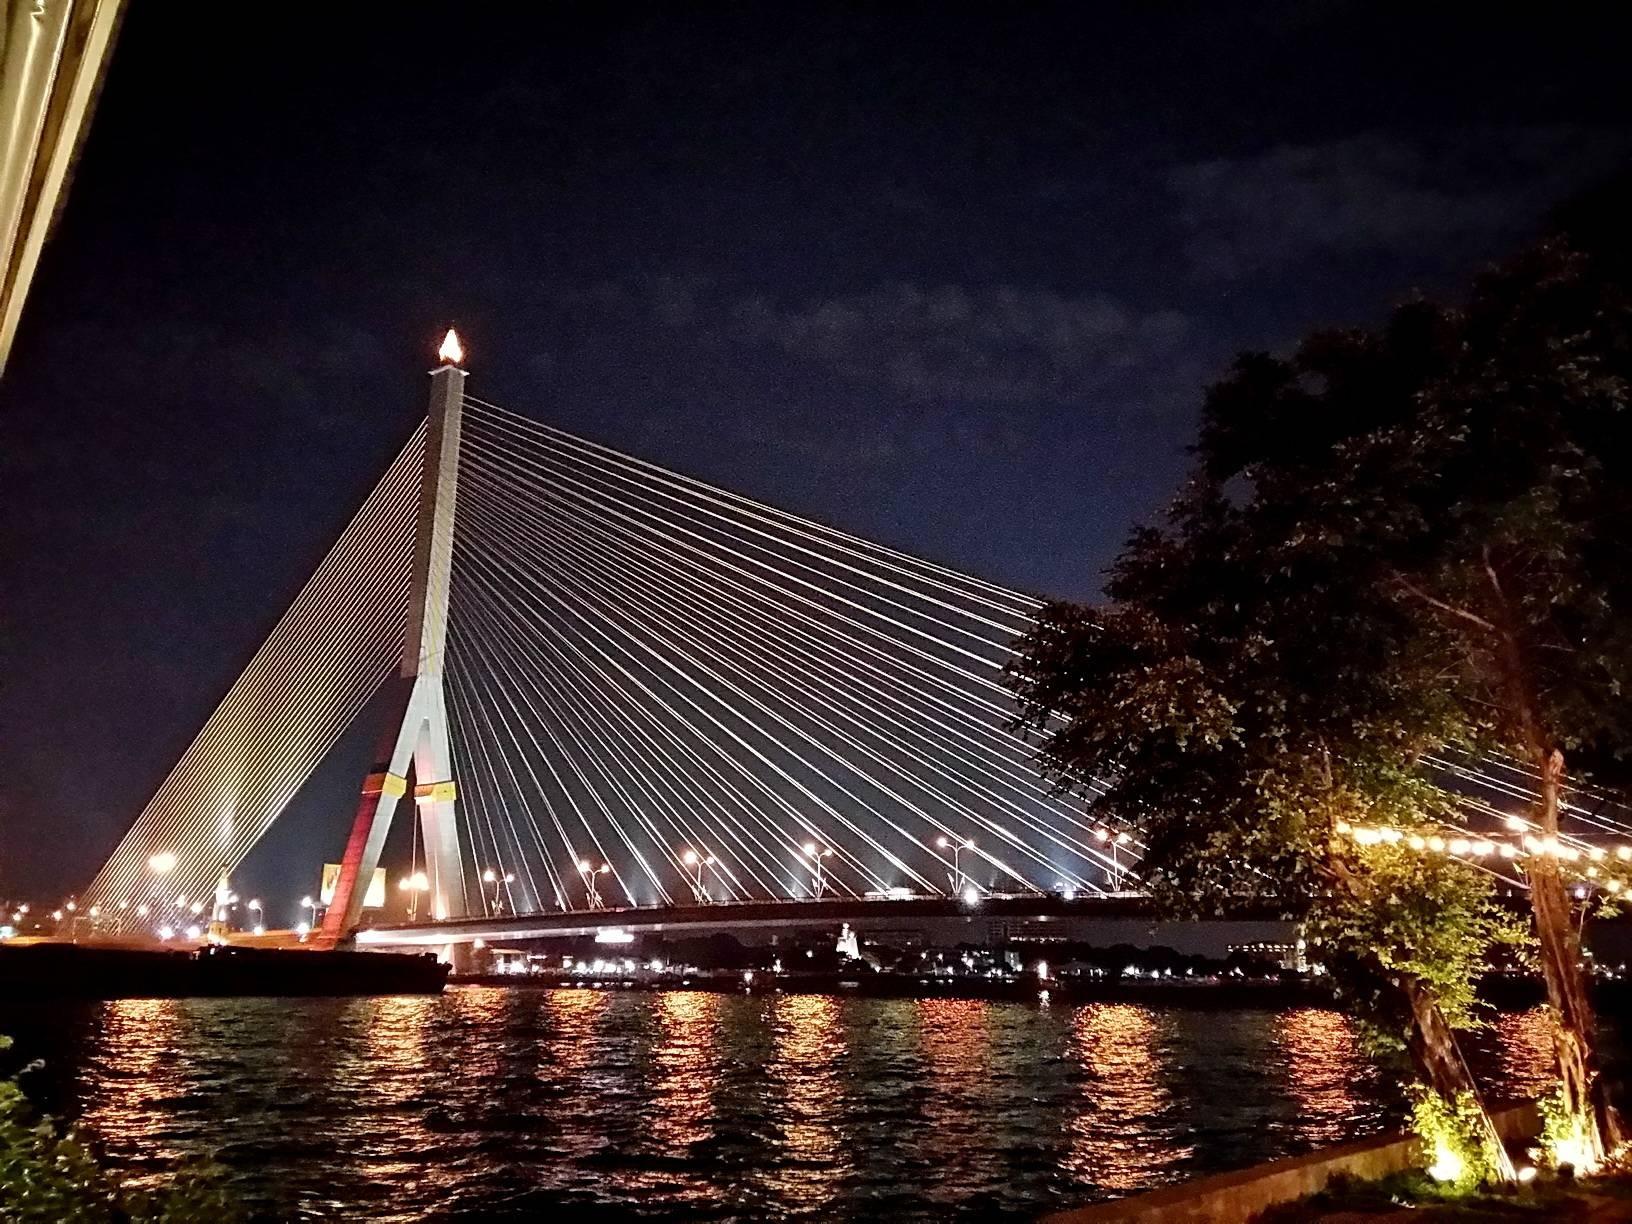 วิวสะพานพระราม 8 เต็มๆตา